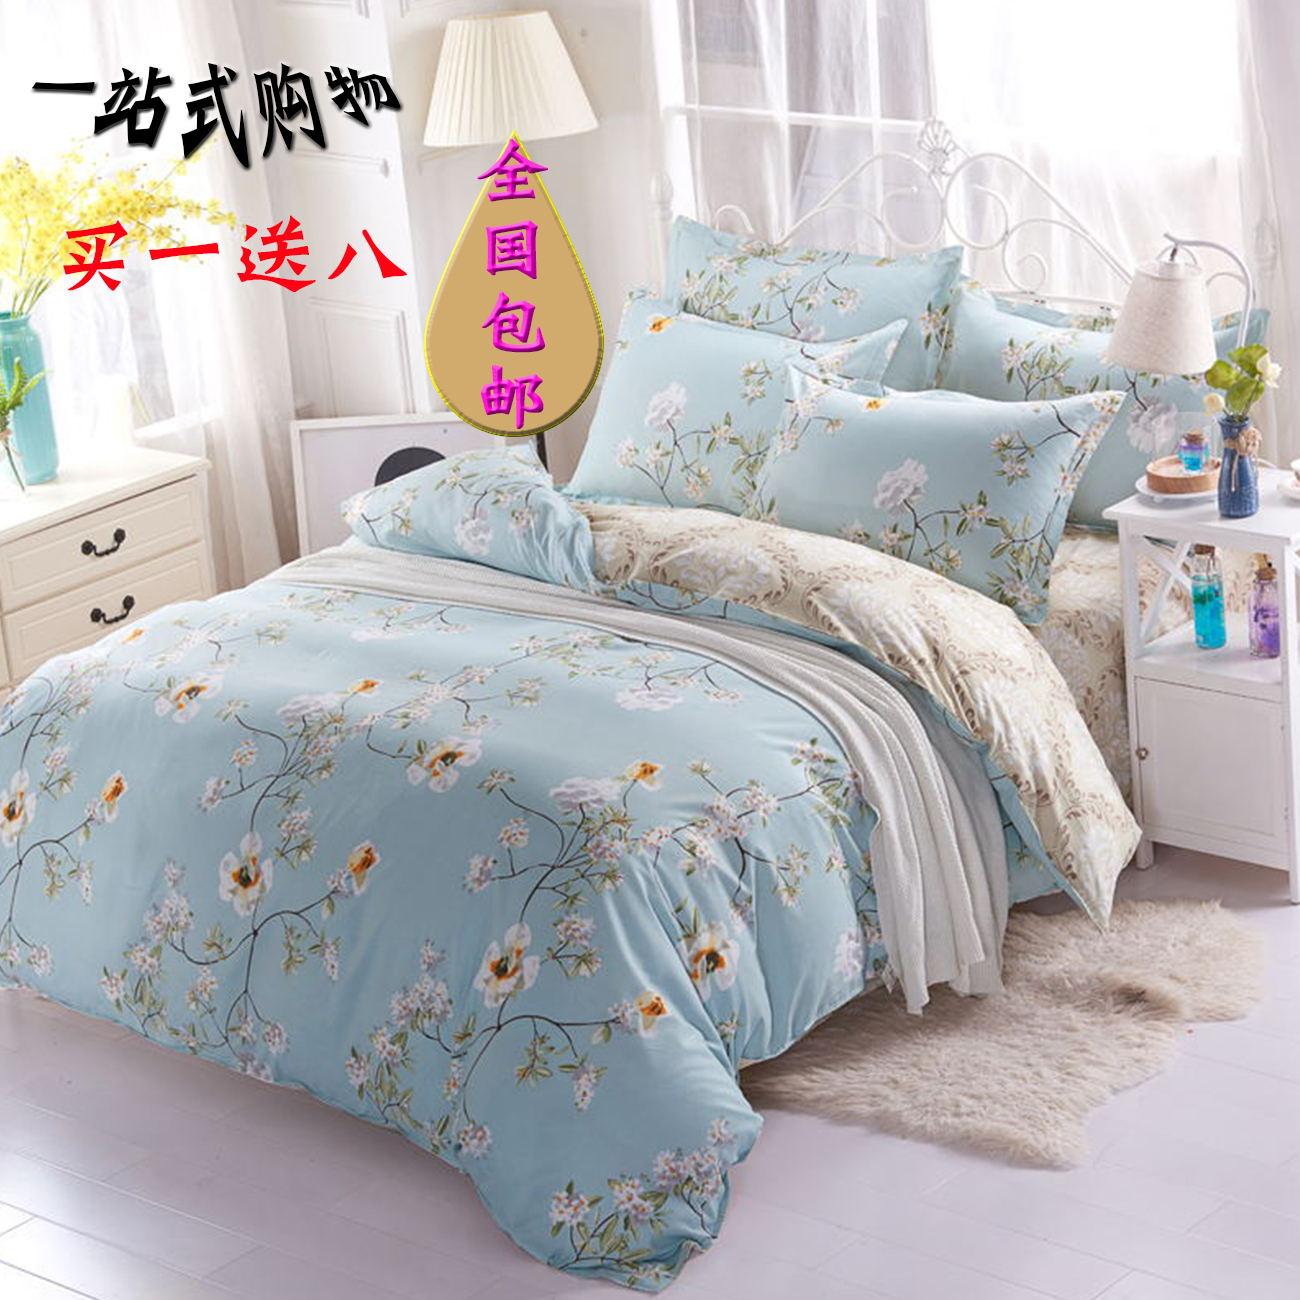 床上四件套送被子枕头加厚保暖冬天棉被芯枕芯毛毯春秋全套装用品